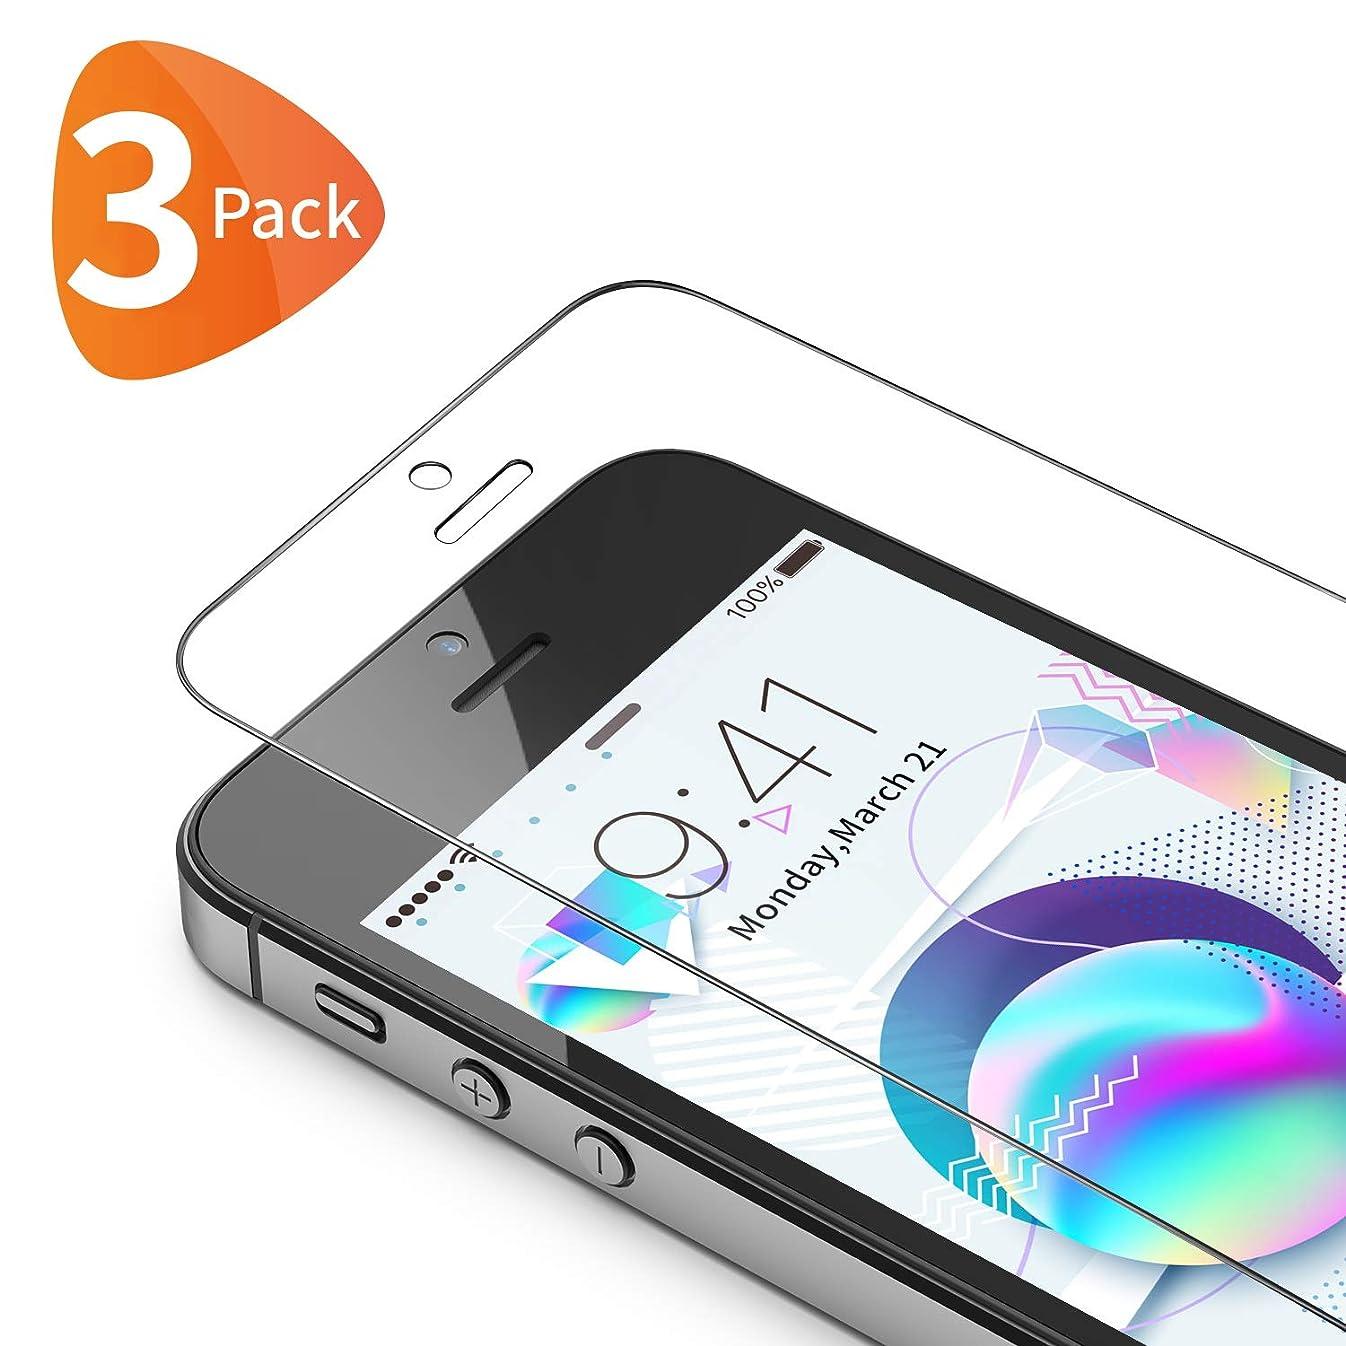 相談勇気編集するBewahly iPhoneSE ガラスフィルム【3枚セット】iPhone5s フィルム iPhone5 / iPhone5c 強化ガラス 液晶保護フィルム 全面保護 硬度9H 指紋防止 気泡防止